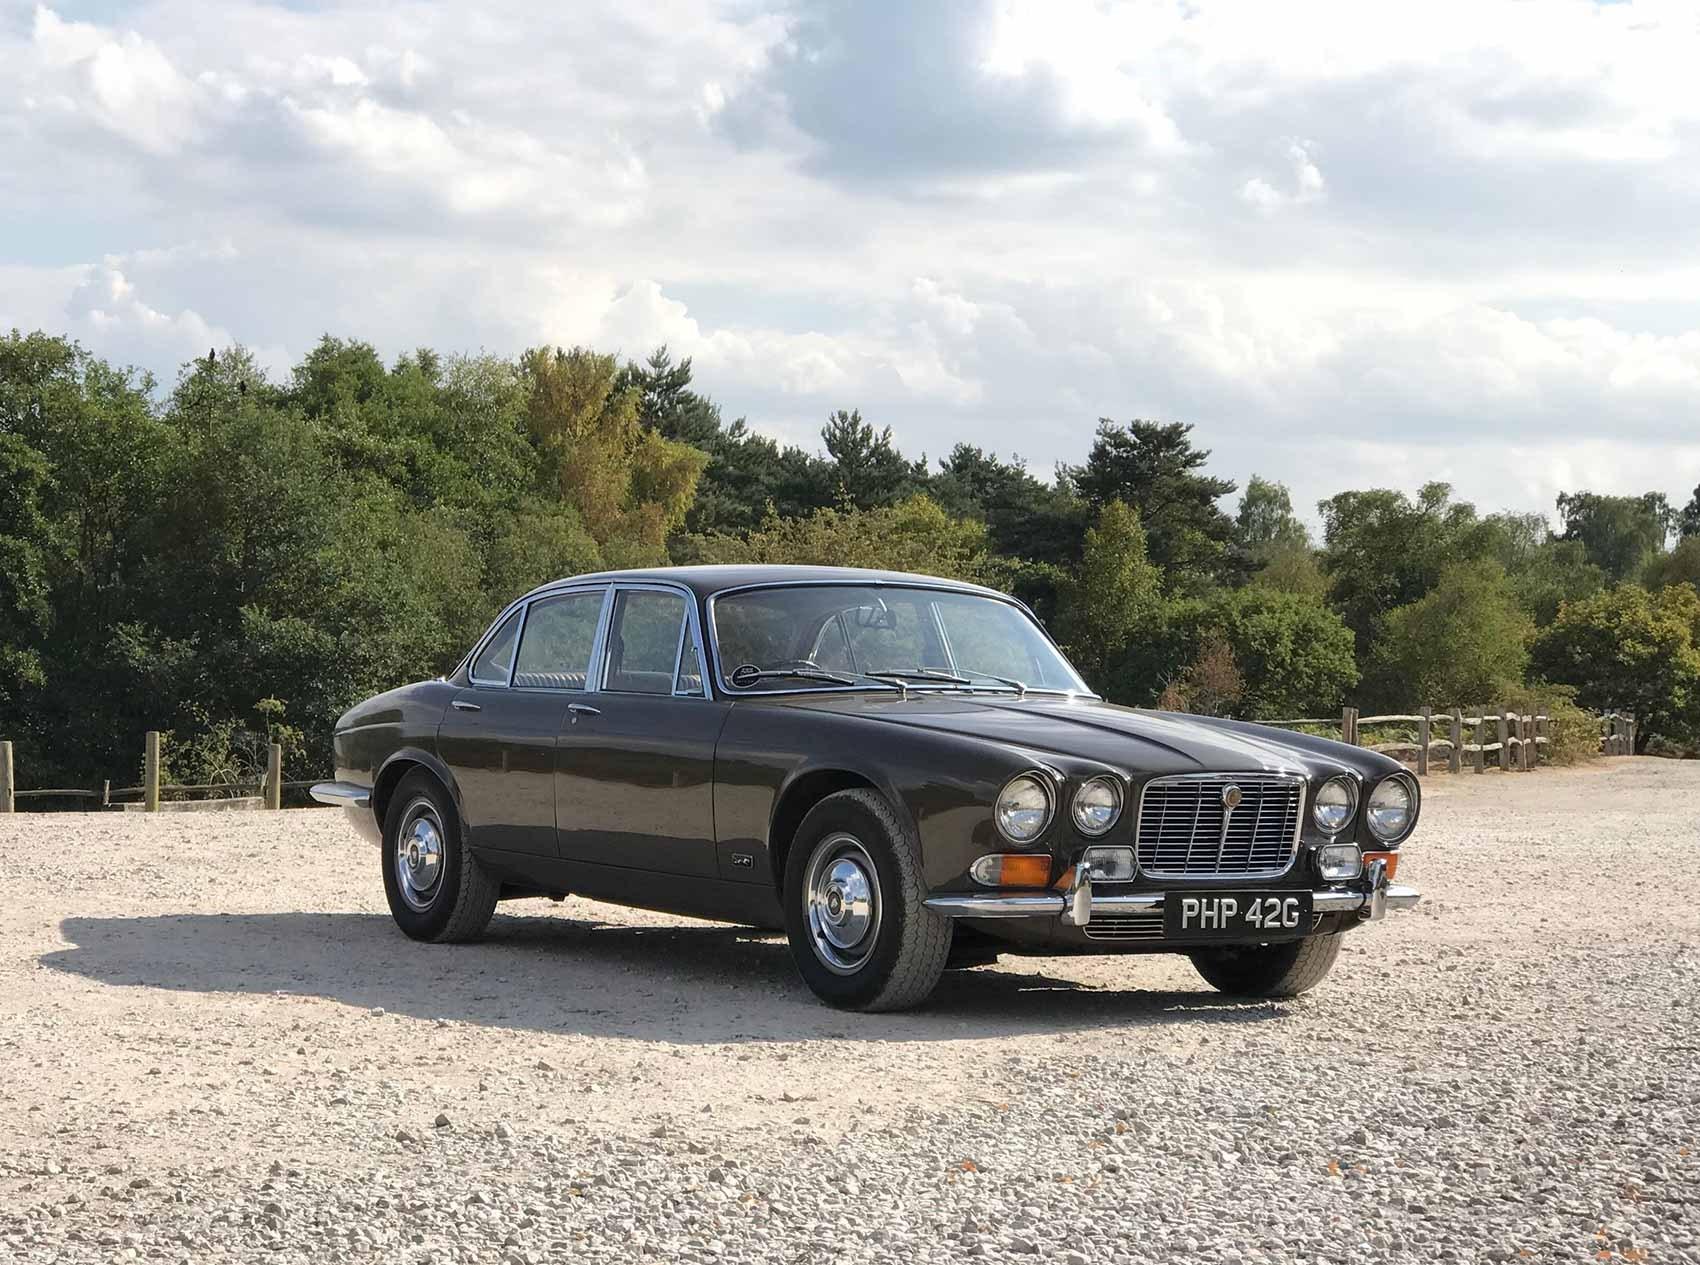 ... Sir William Lyonsu0027 Company Car: A Beautifully Original Jaguar XJ6 ...